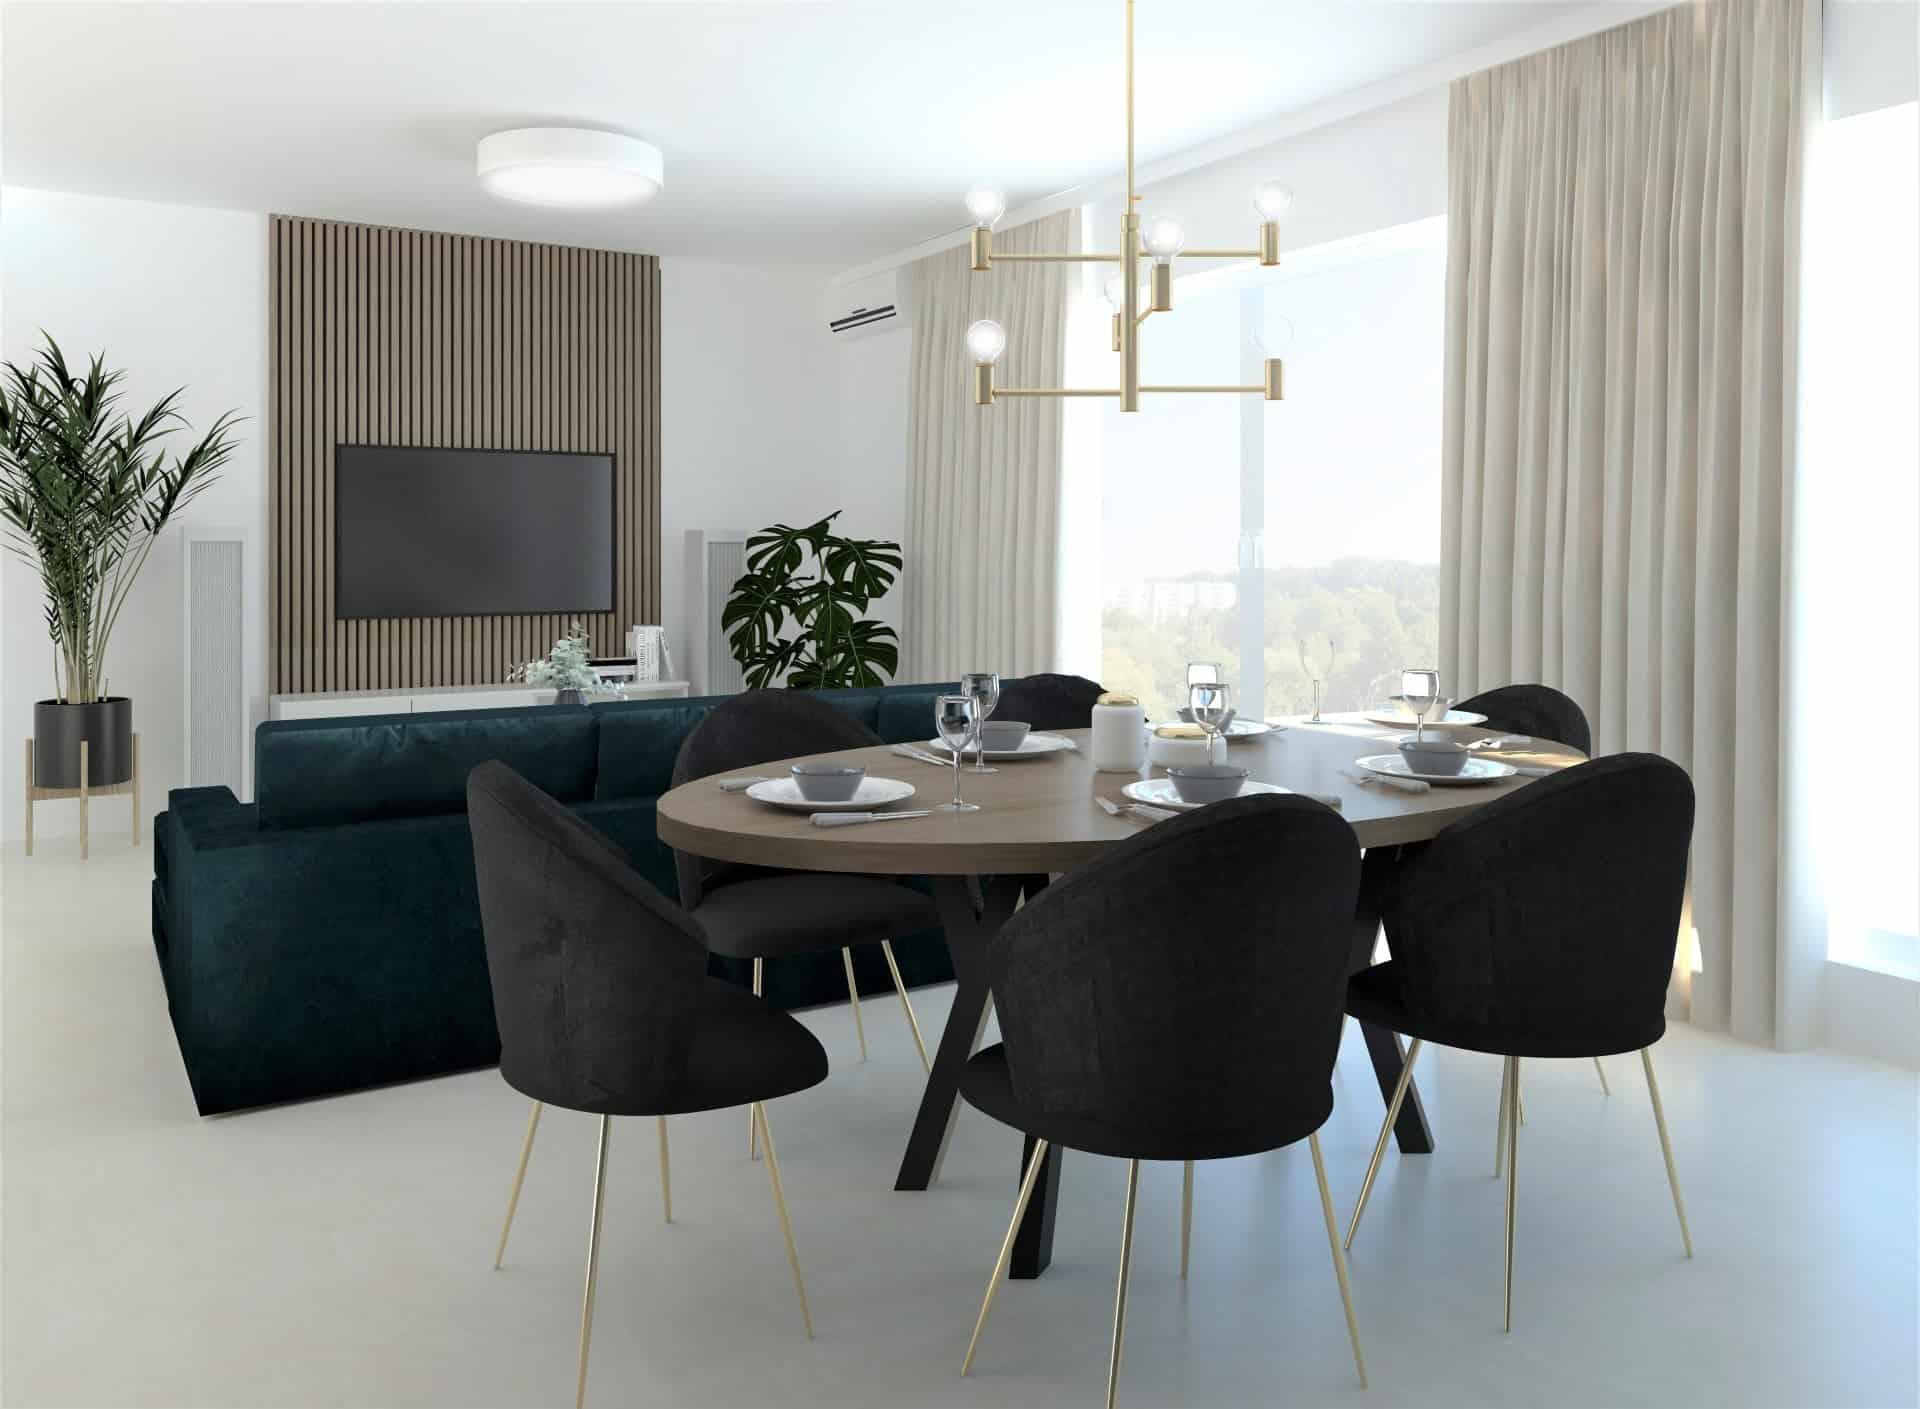 salon z zieloną kanapą 3